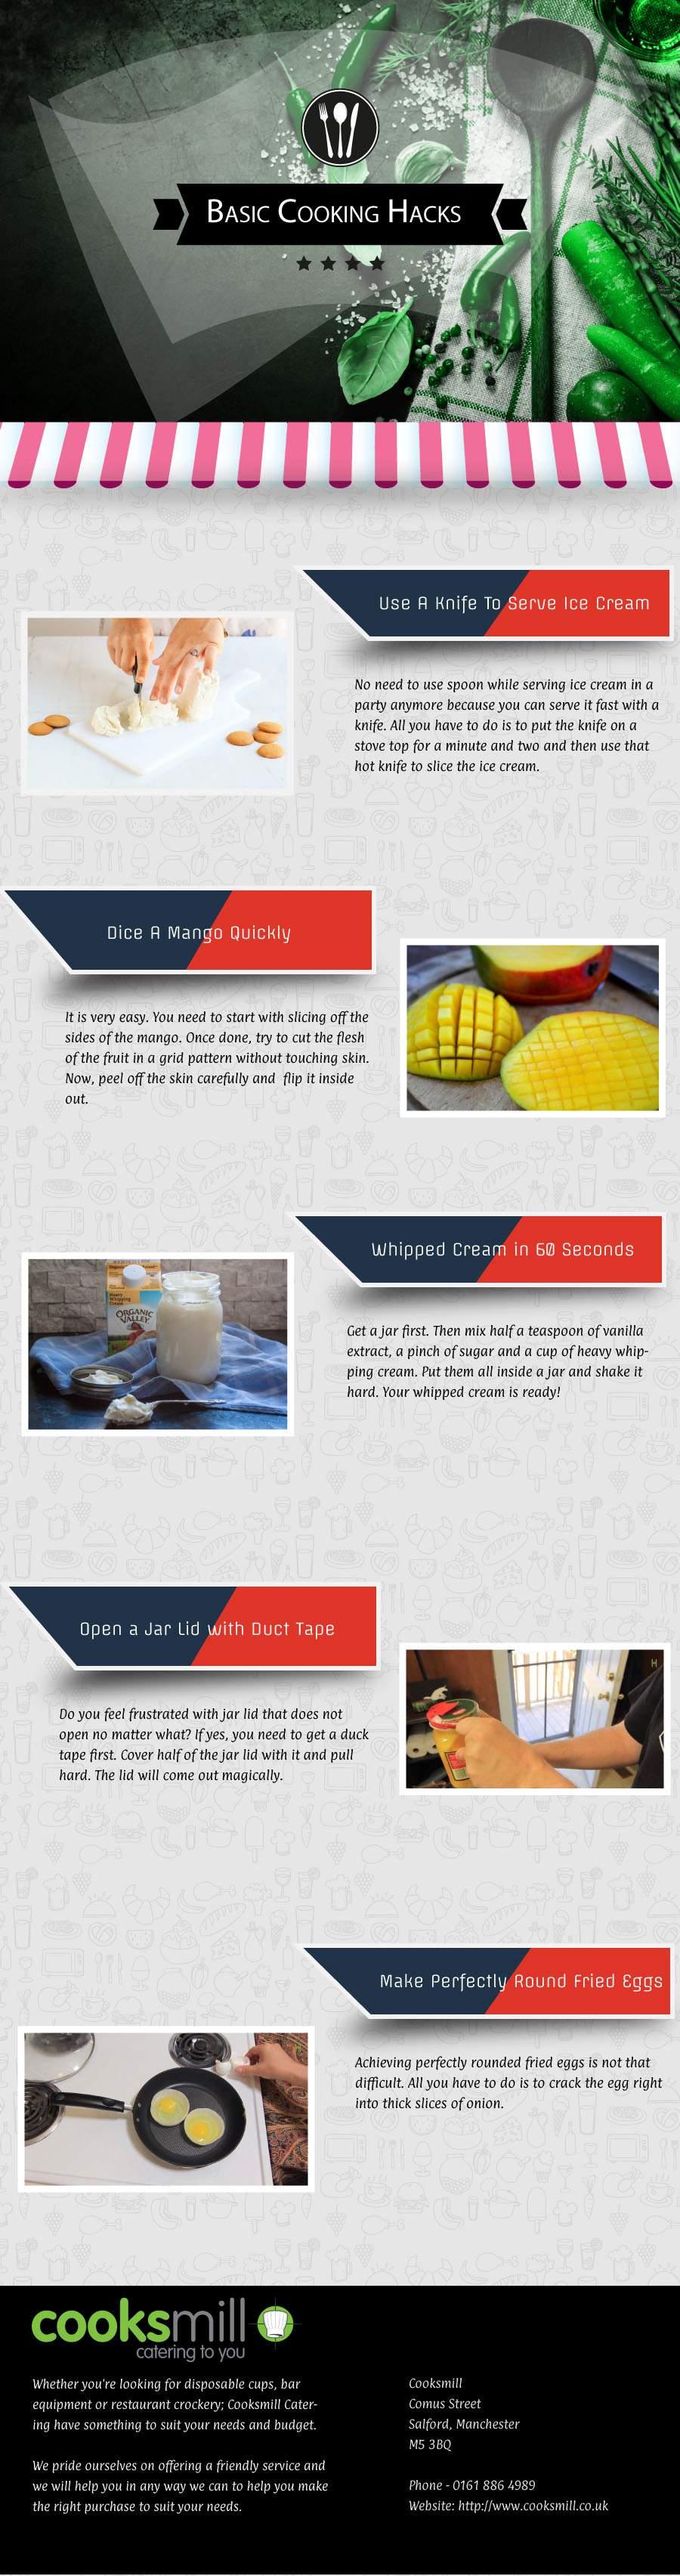 Top 5 Cooking Hacks